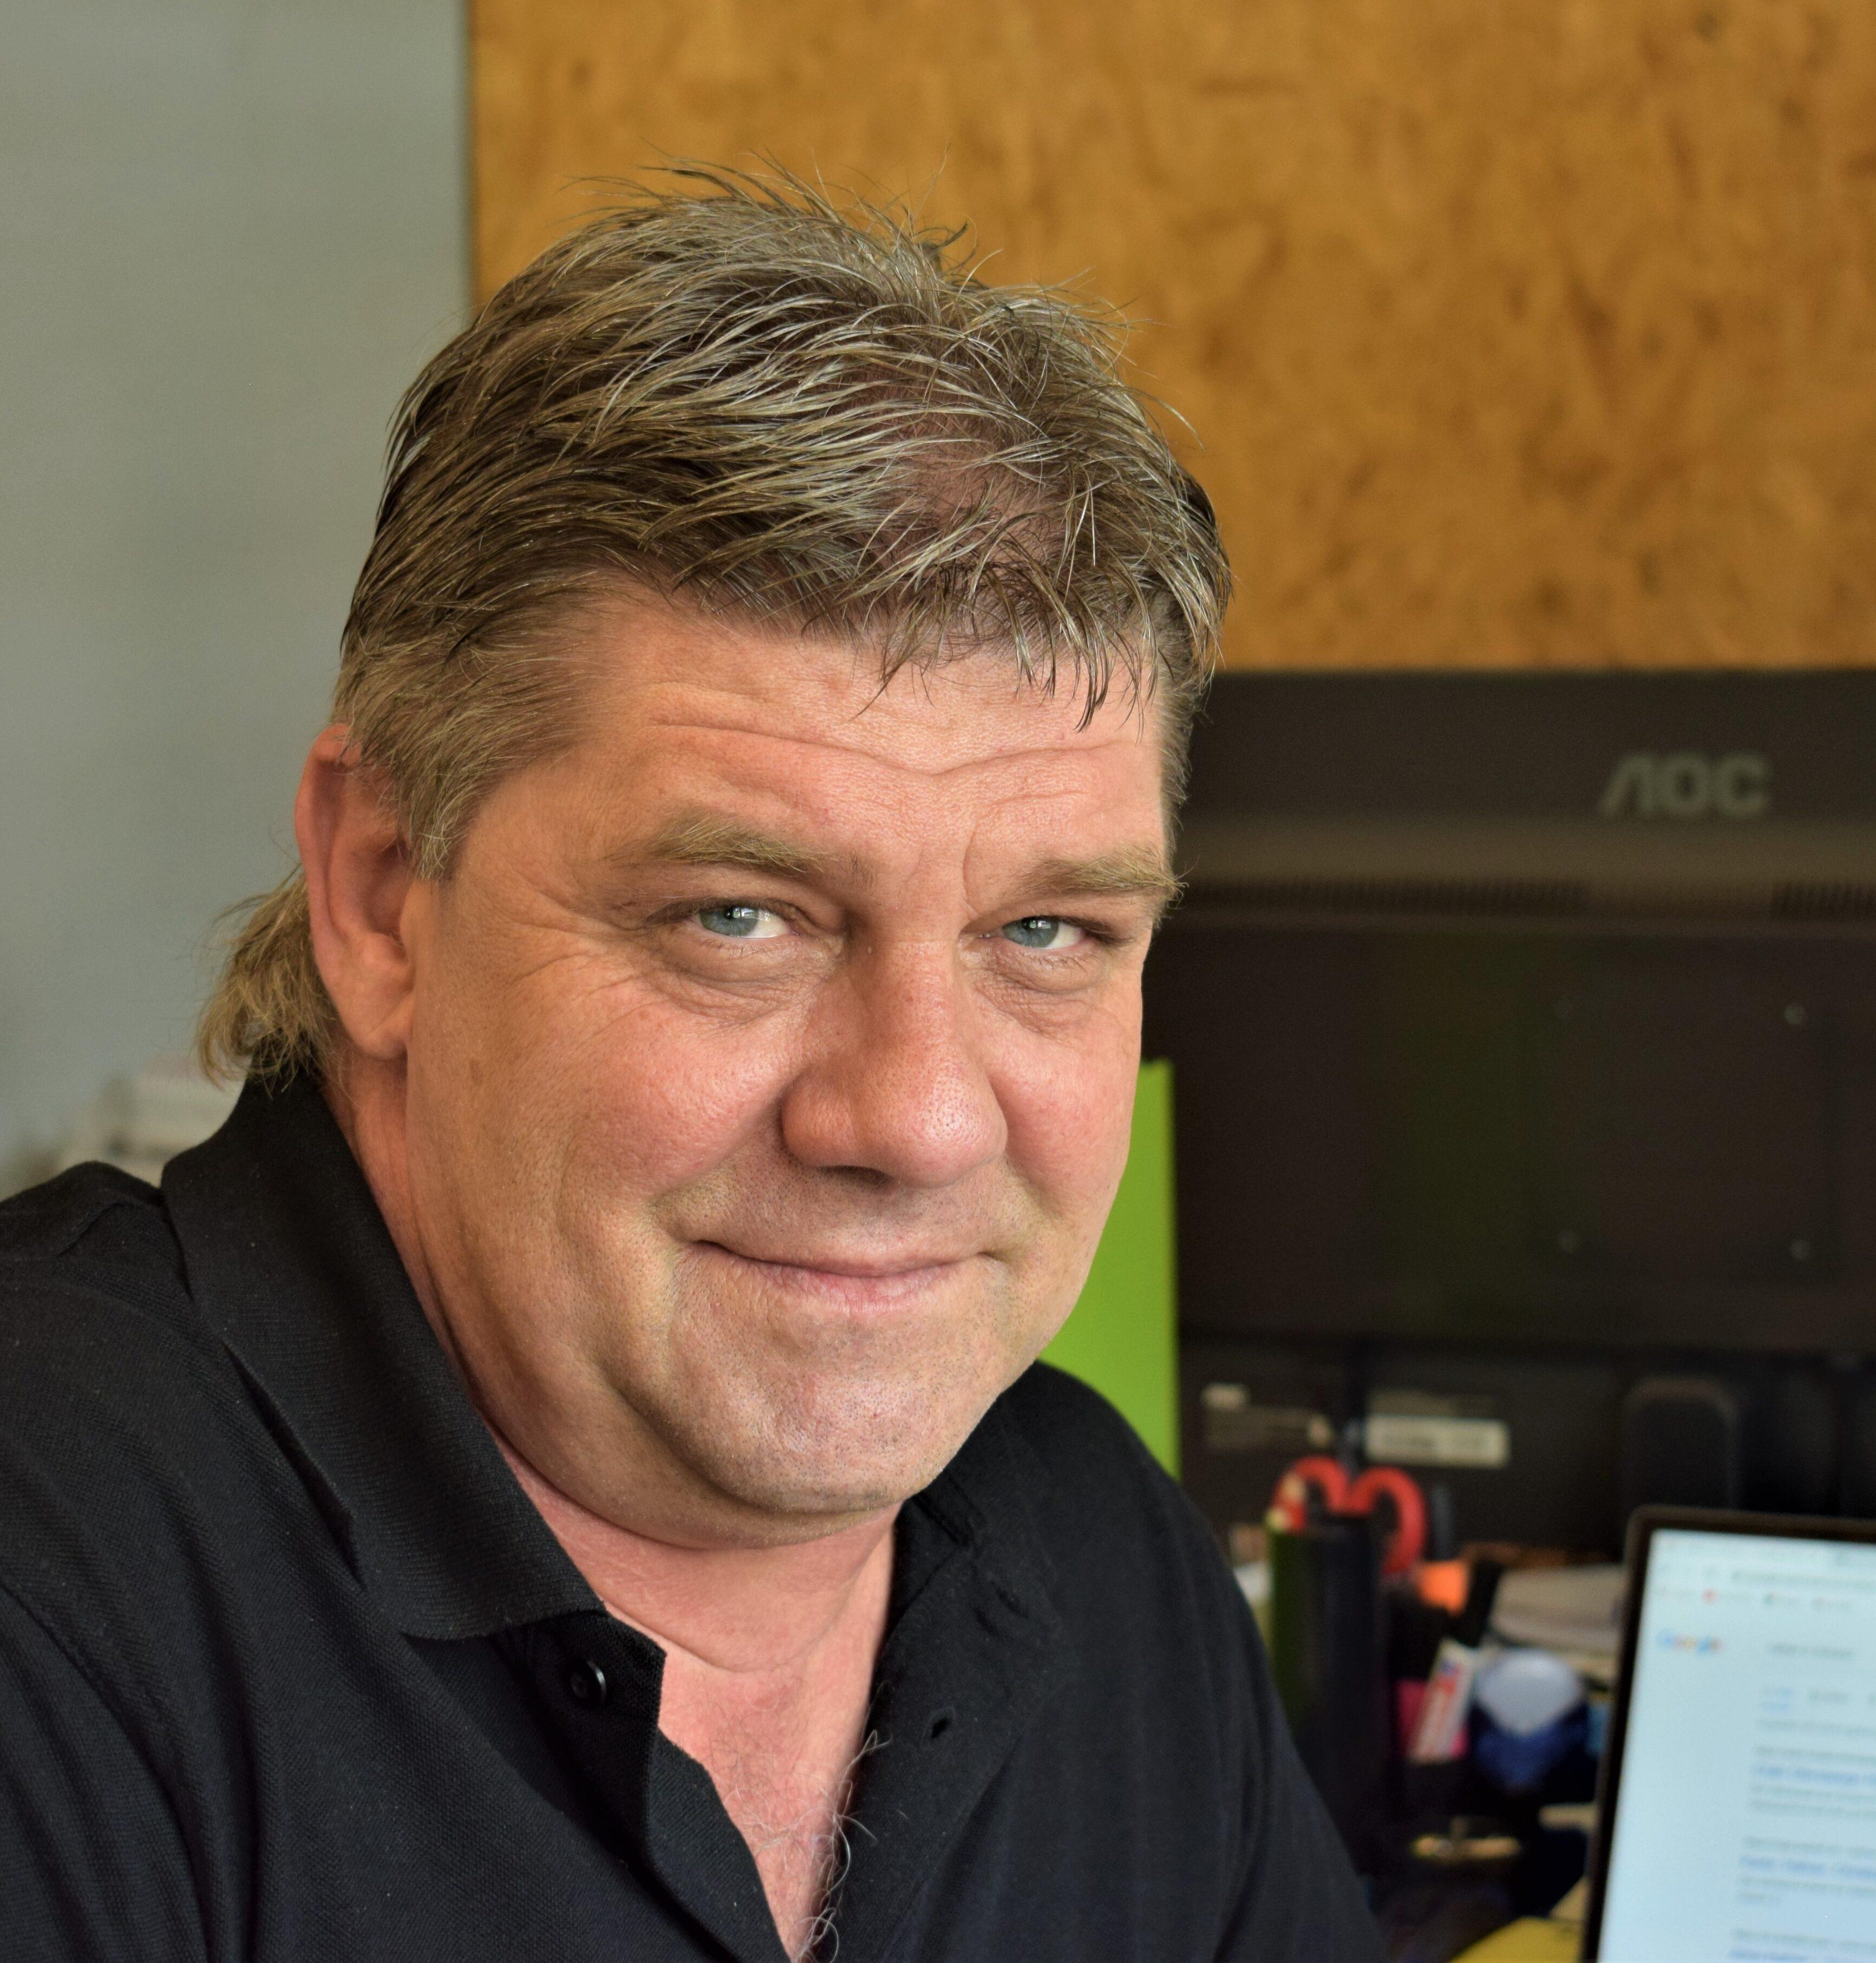 Bernd Weishaar